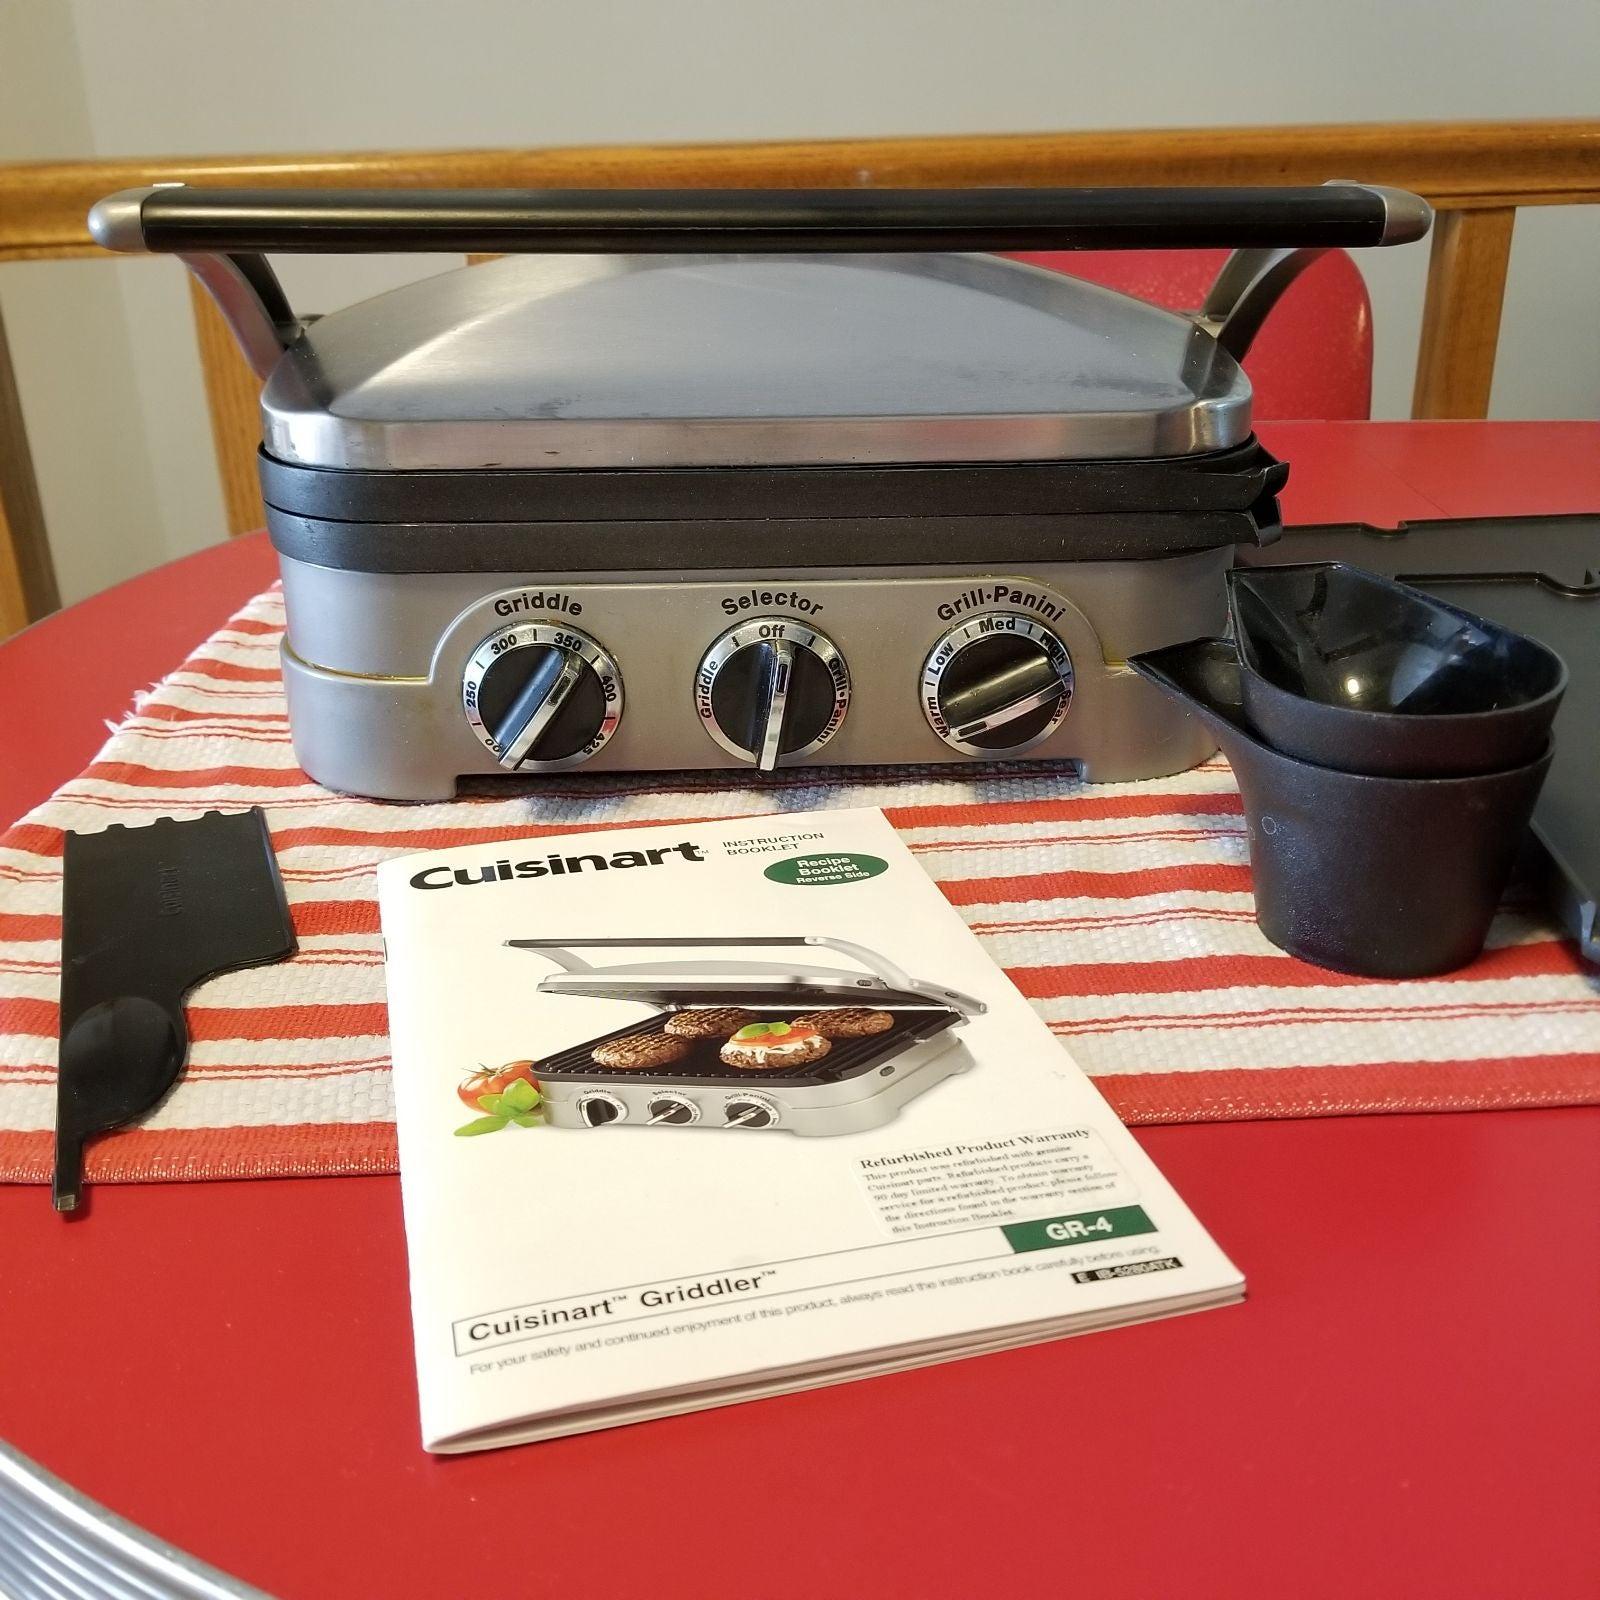 EUC Cuisinart Griddler GR-4